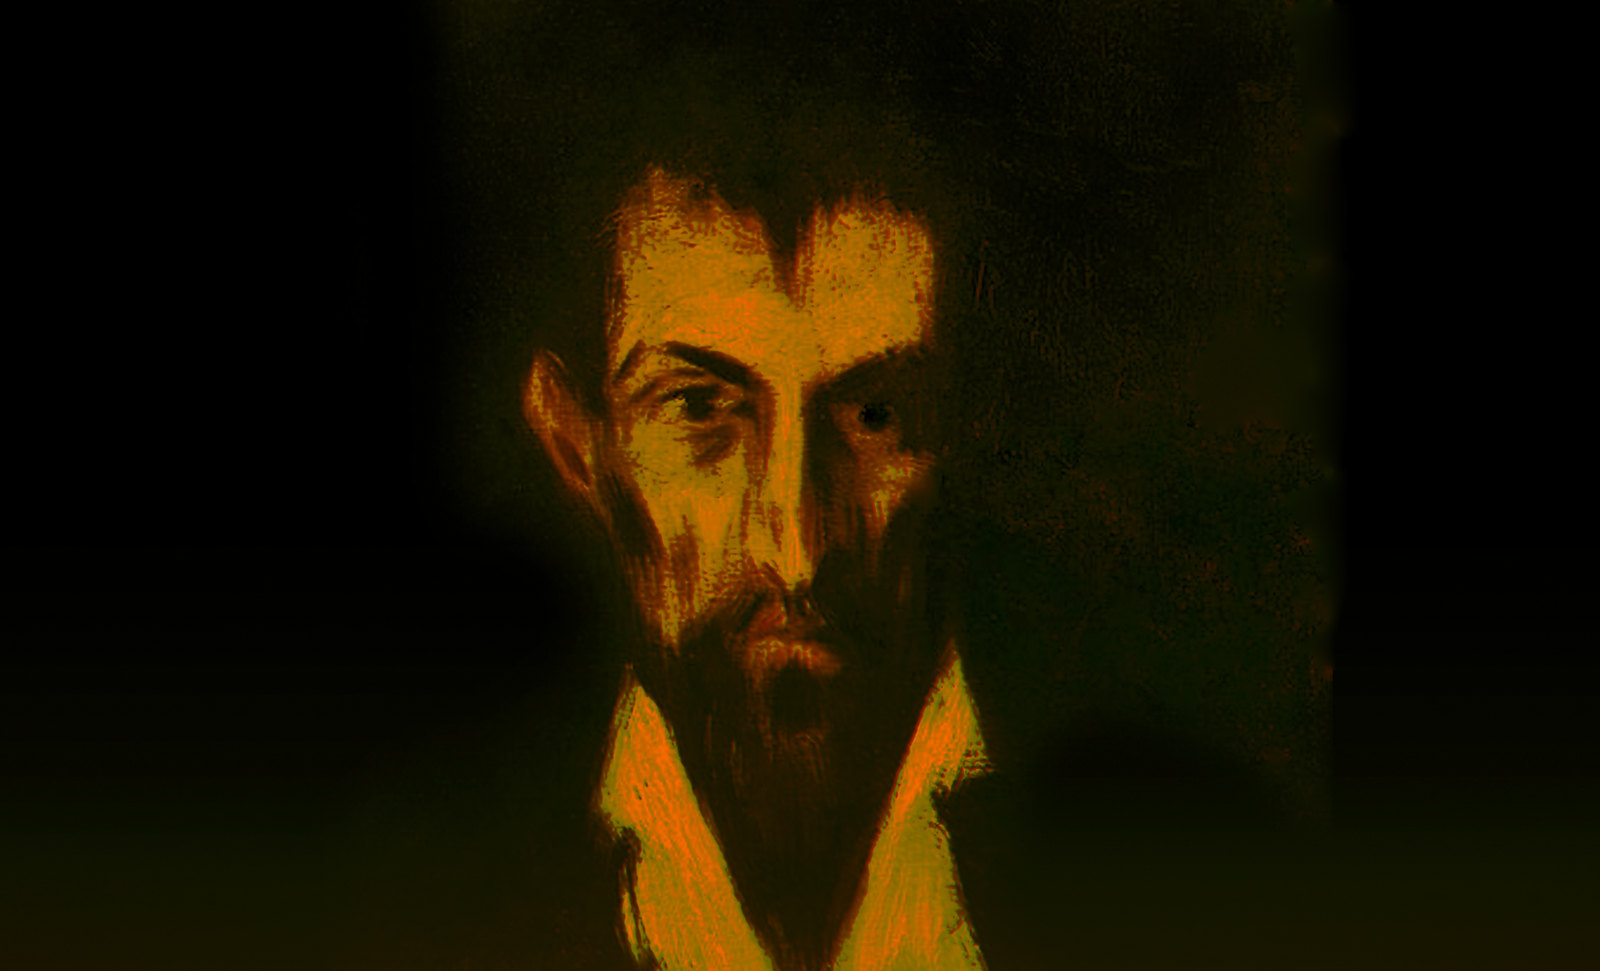 Duelista, identificación de Doménikus Theokópoulos el Greco (1580), focalización de Pablo Picasso (1899).